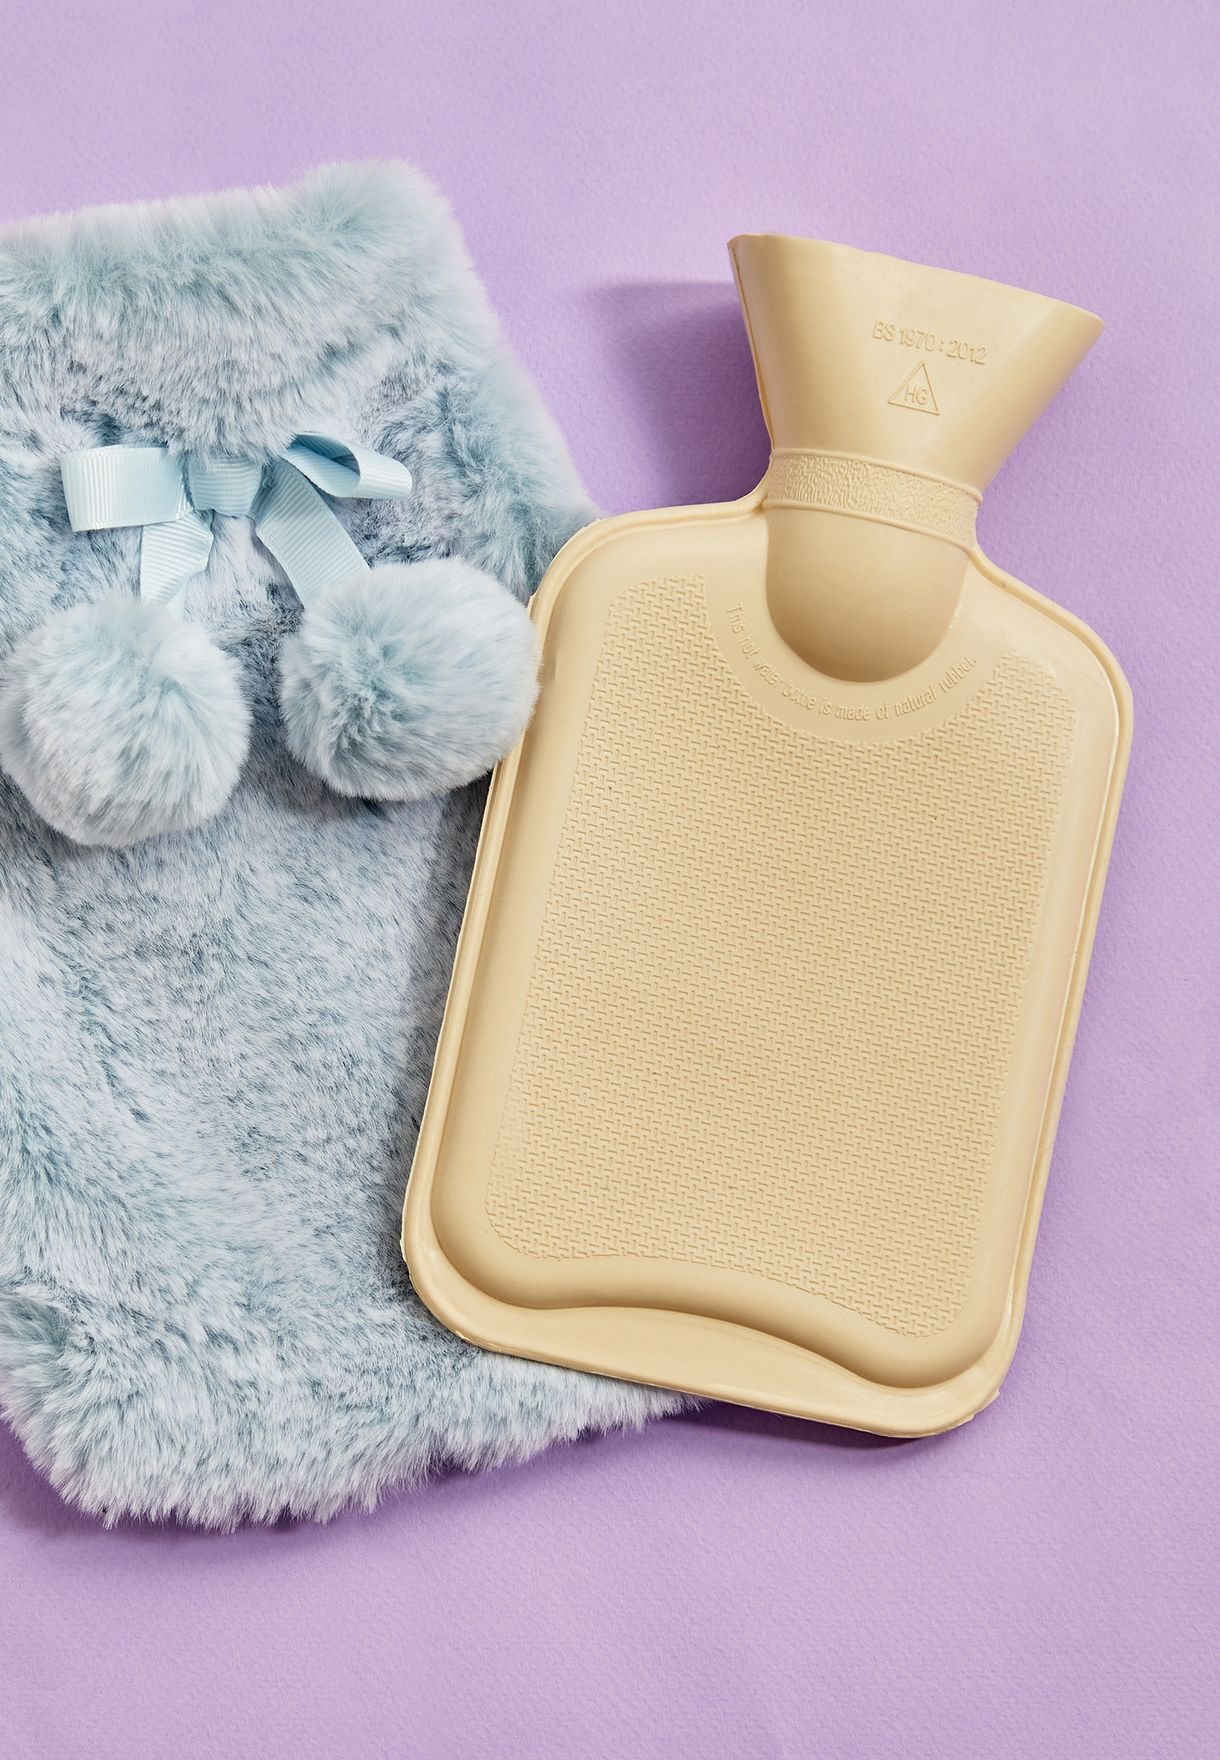 Hot Water Bottle & Socks Gift Set